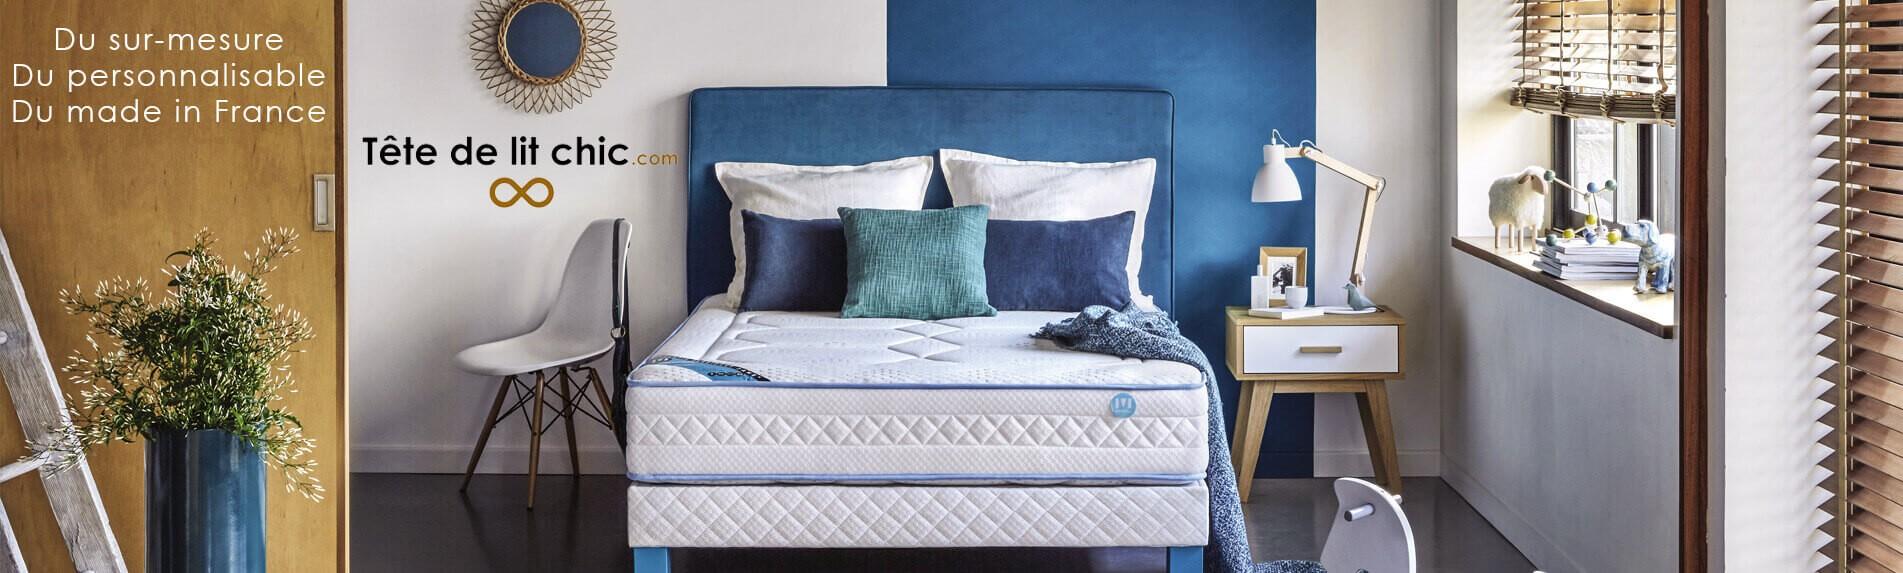 Tête de lit chic - votre spécialiste de la tête de lit